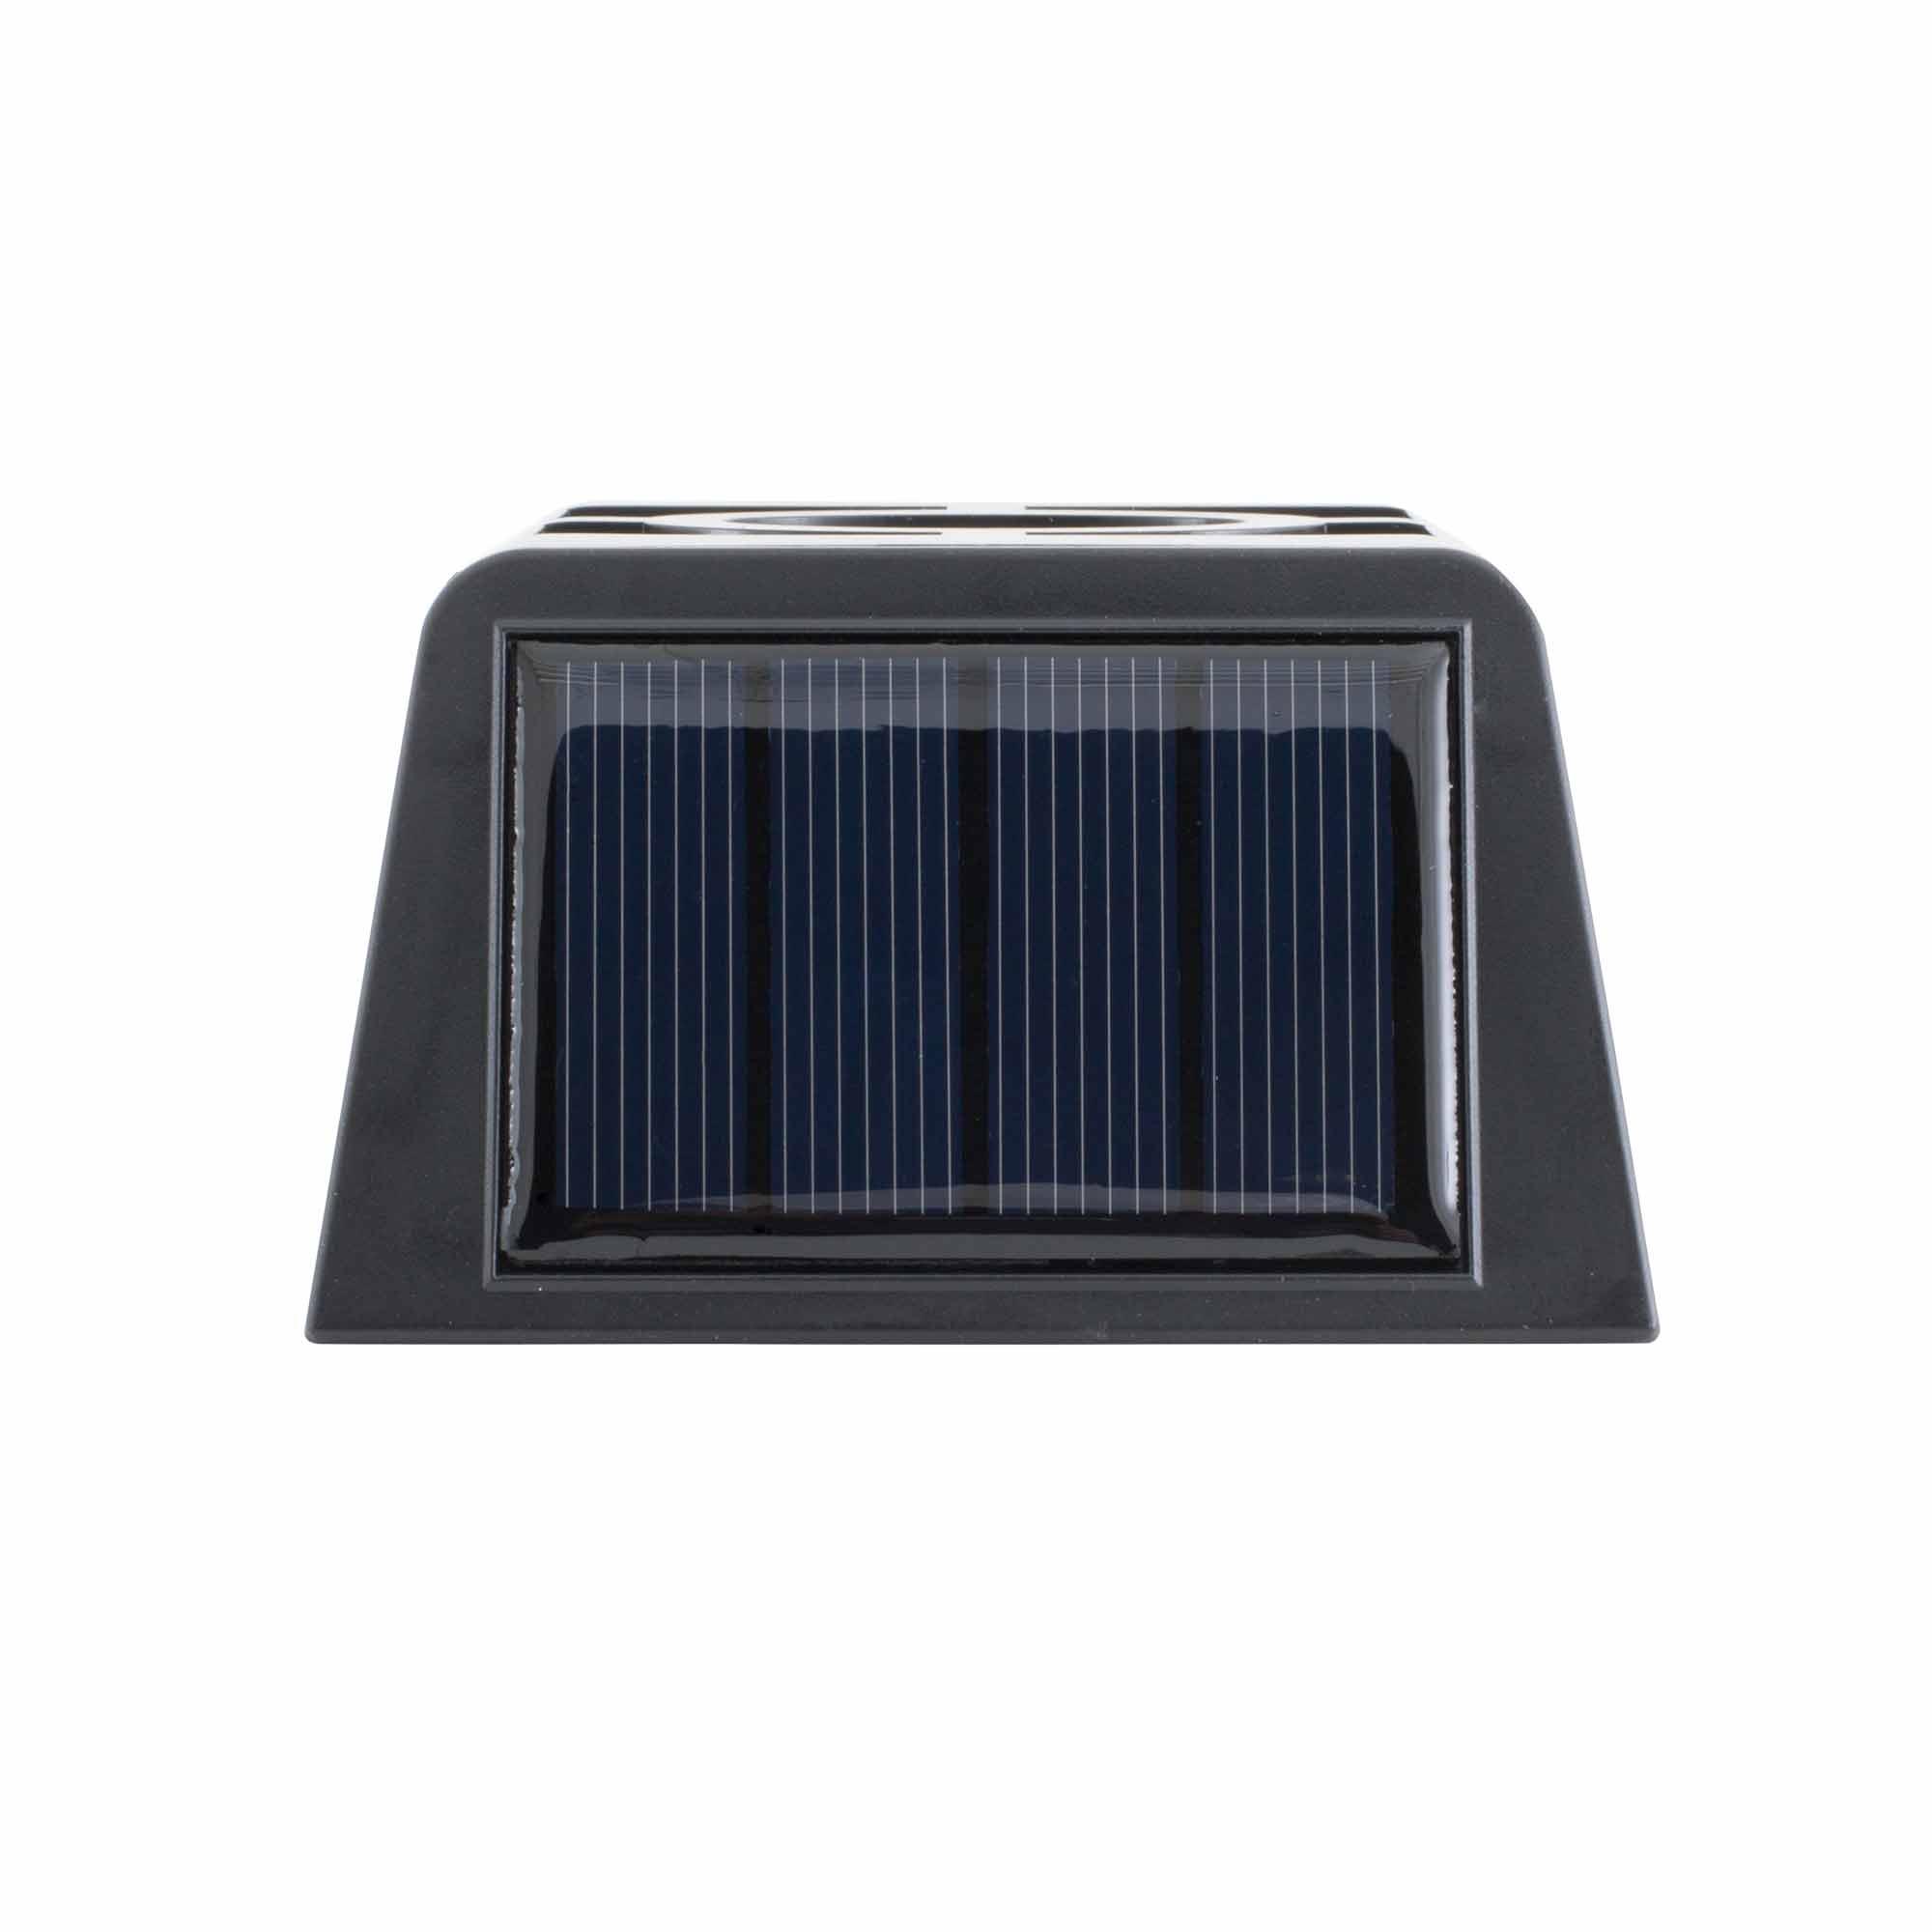 applique mural led solaire a detecteur de mouvement l500. Black Bedroom Furniture Sets. Home Design Ideas